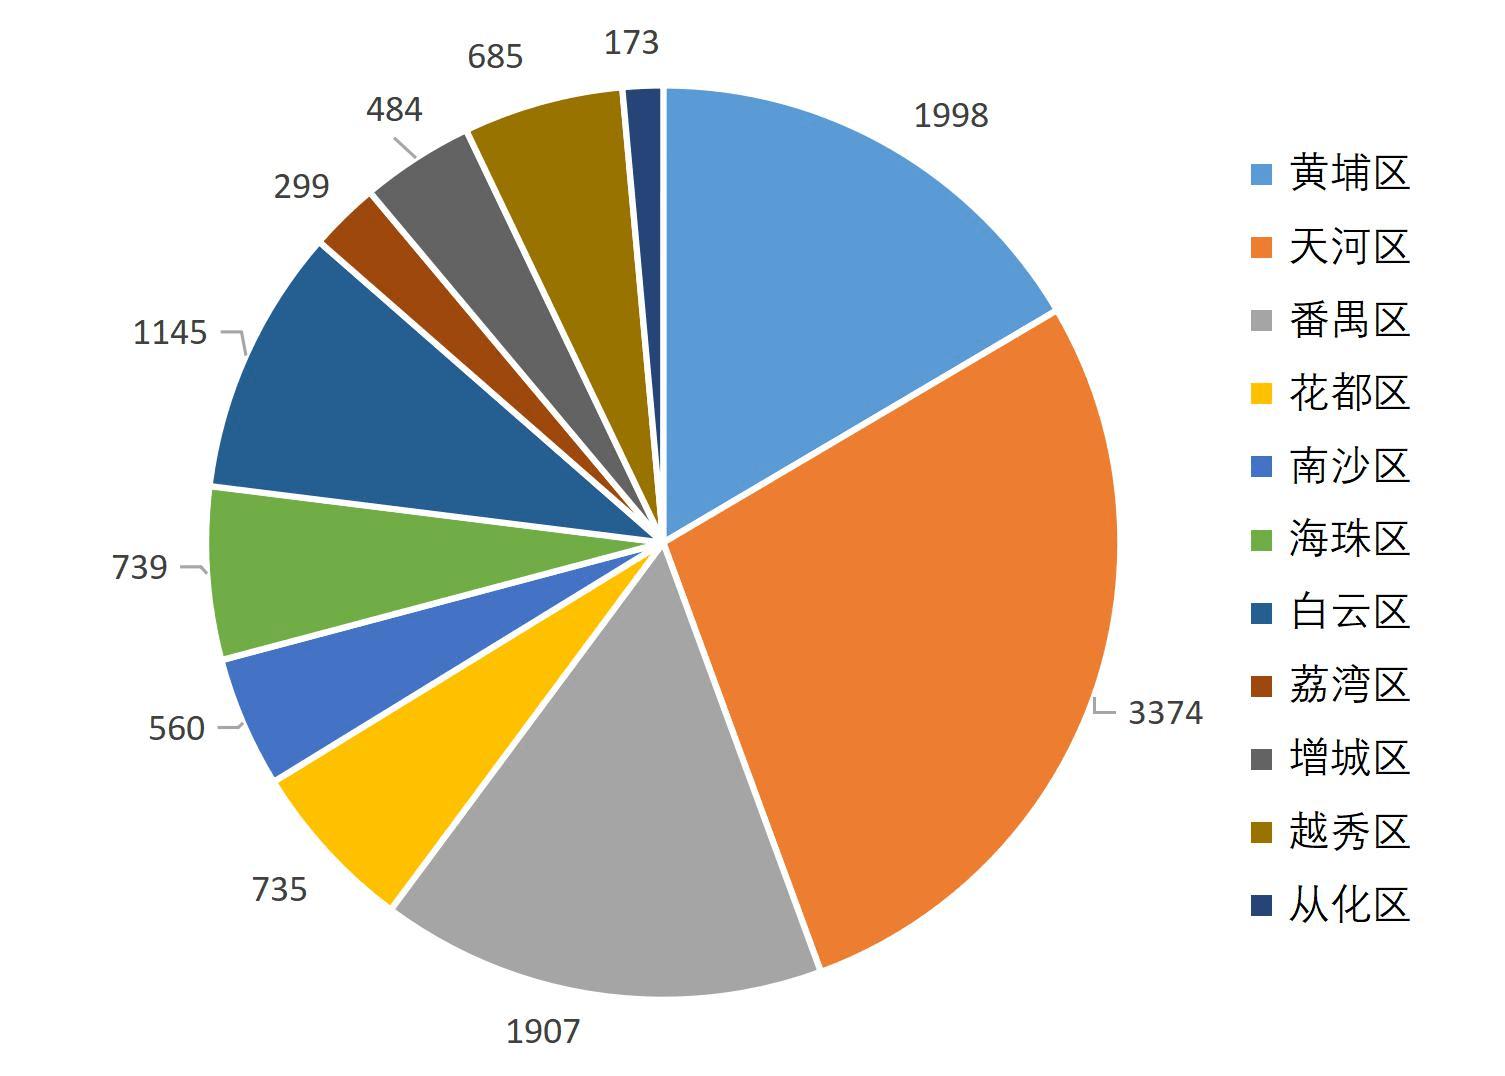 2019年高新区经济总量